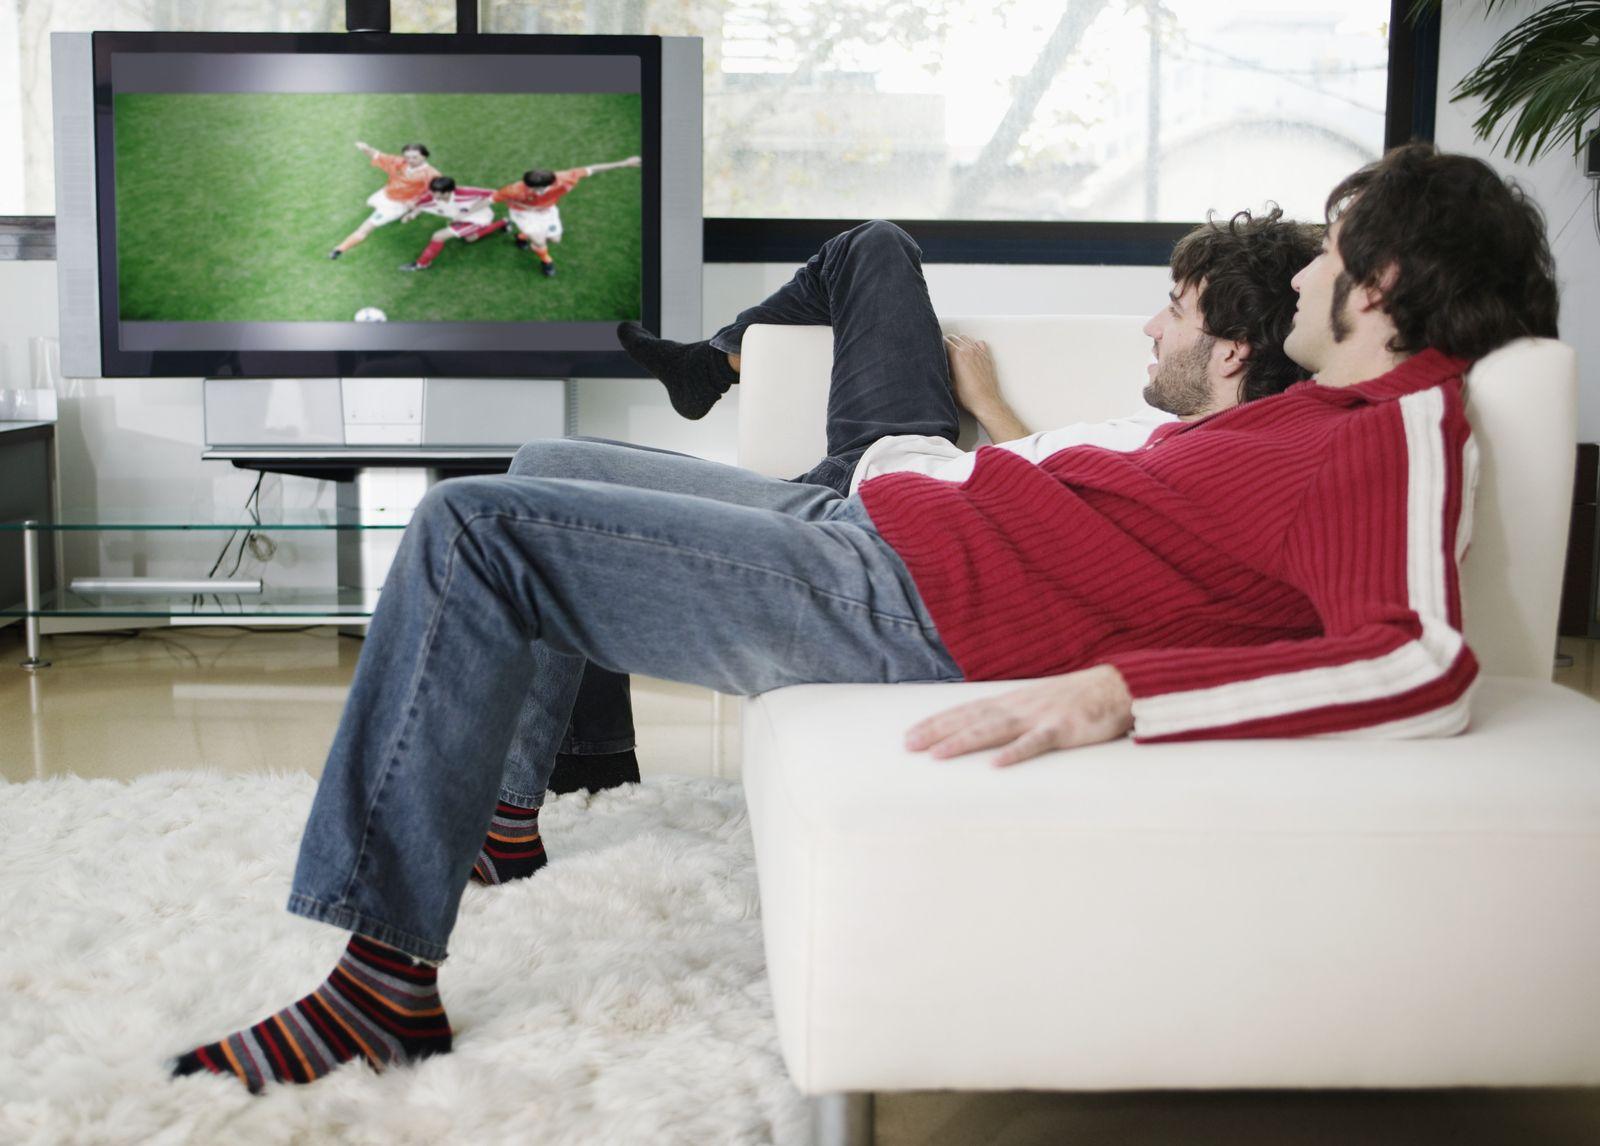 NICHT MEHR VERWENDEN! - Fußball/ TV